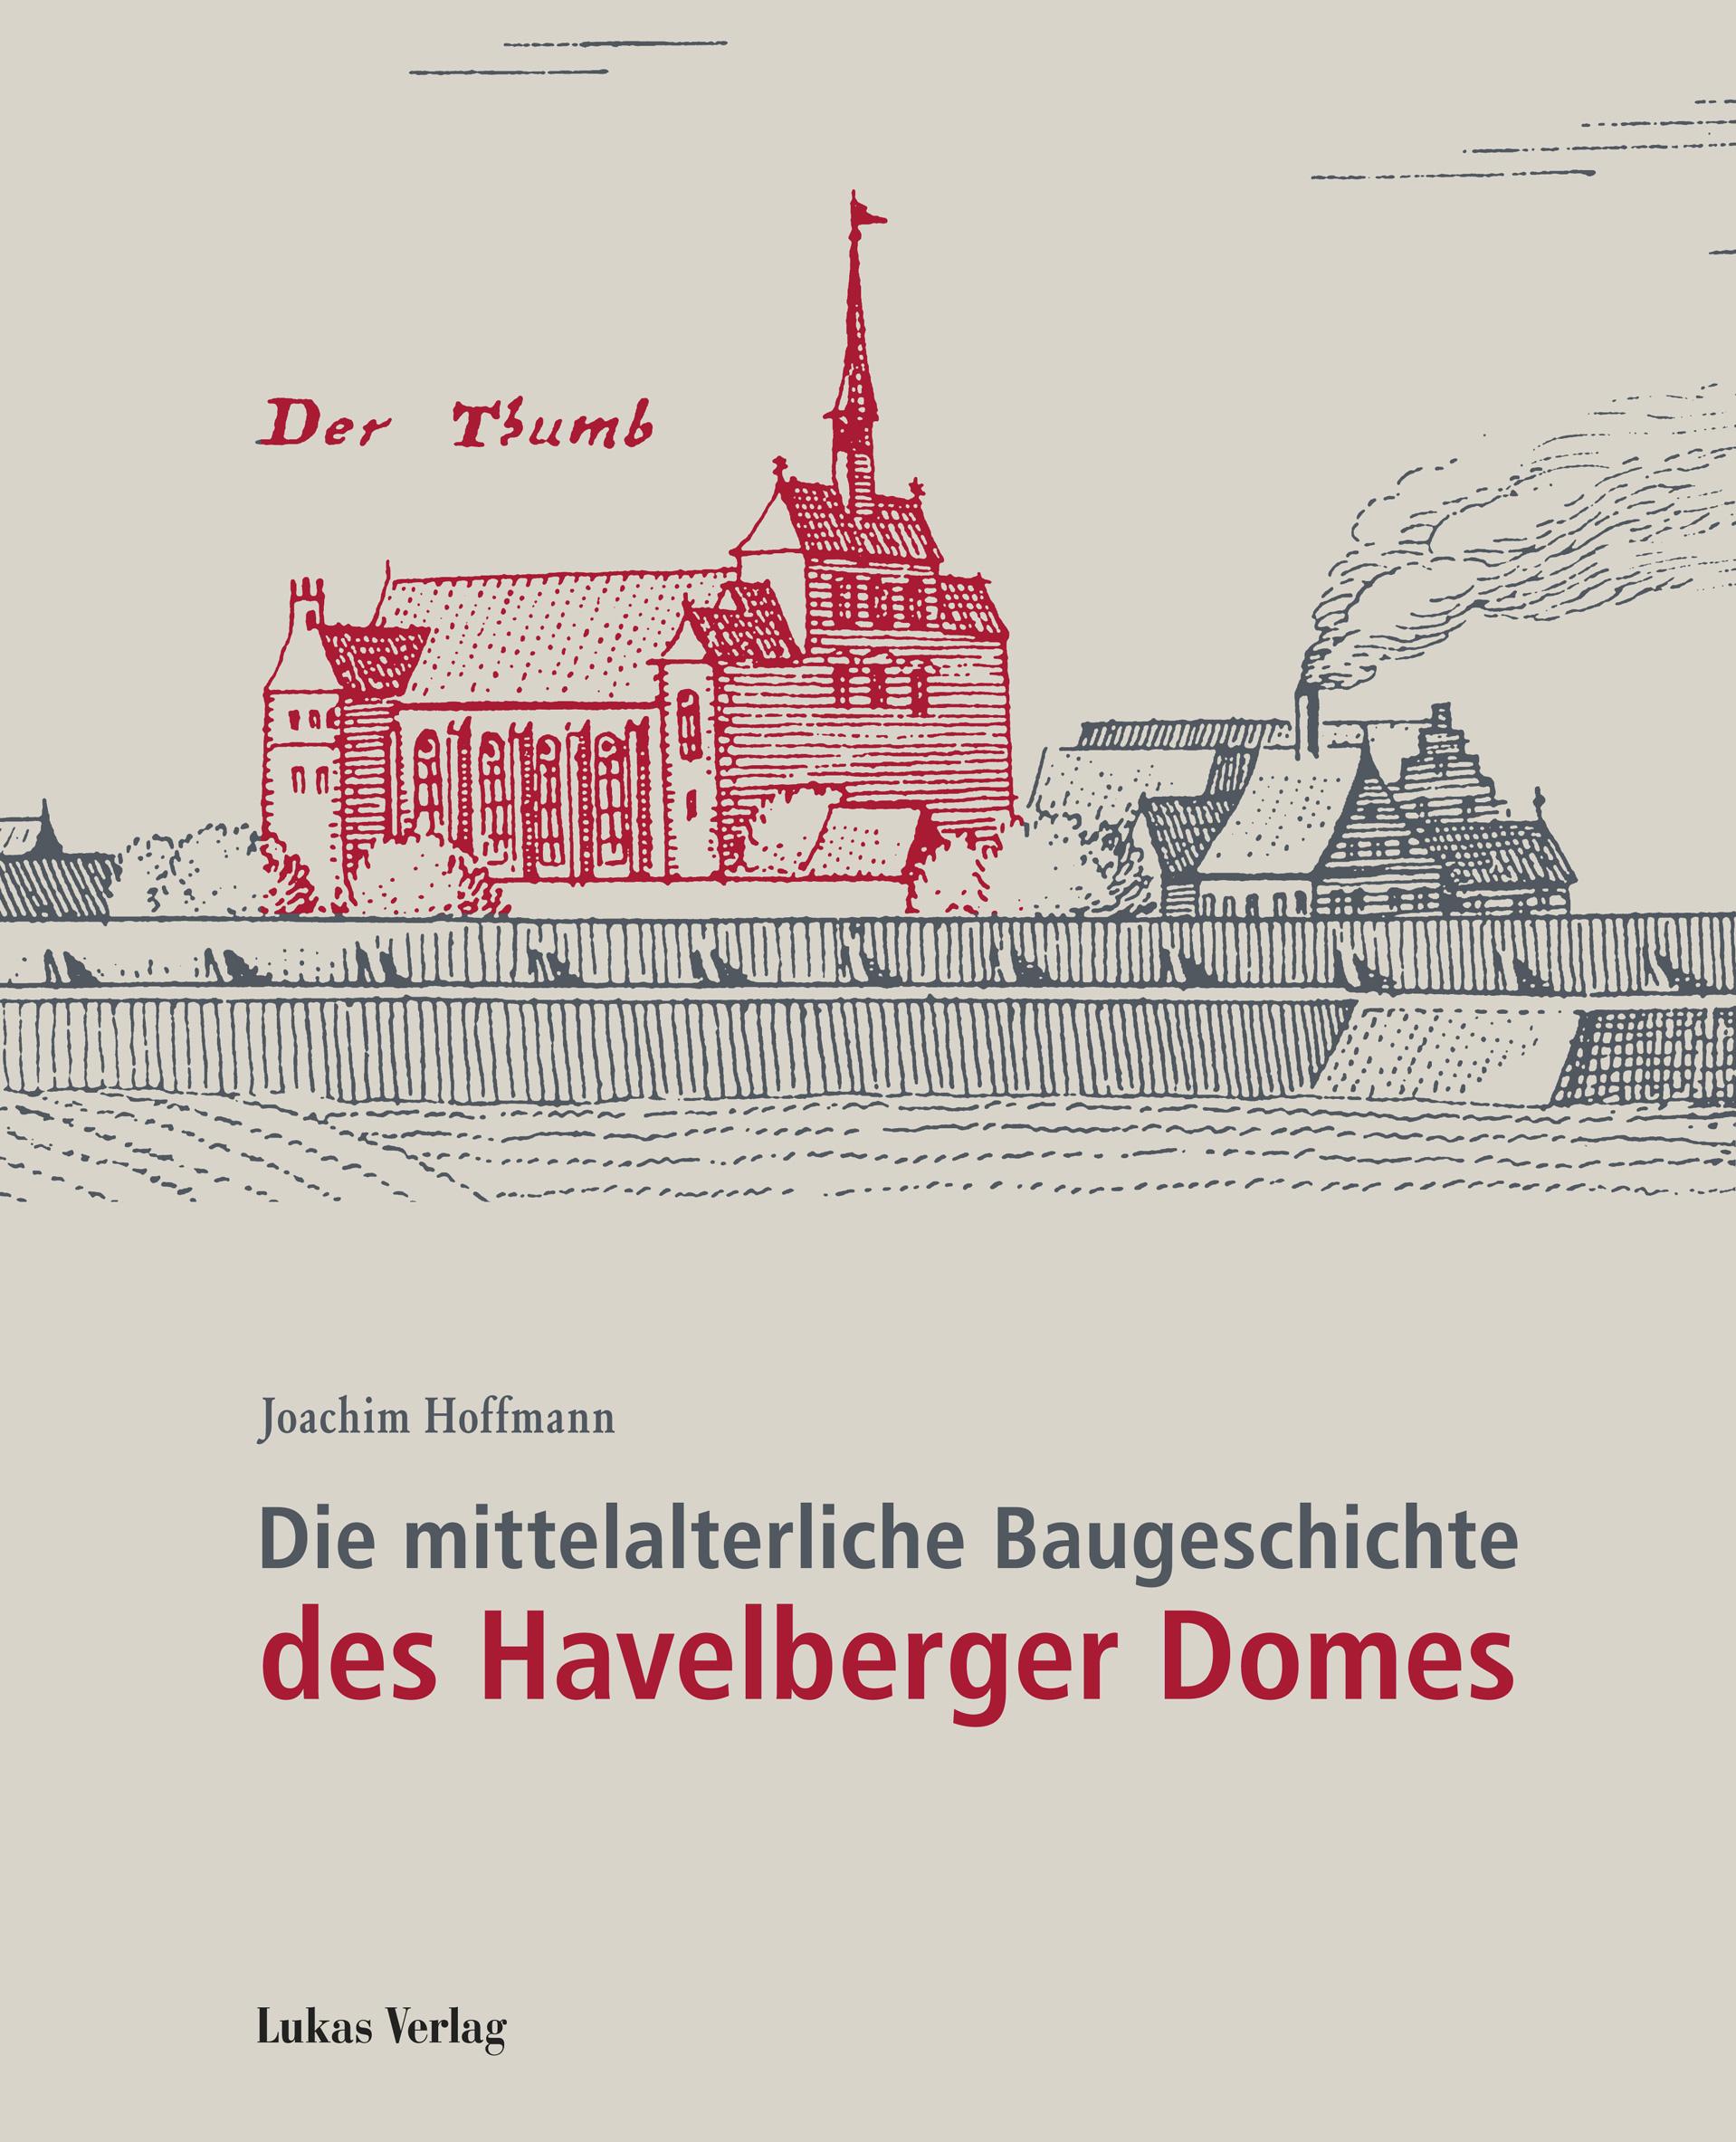 Die mittelalterliche Baugeschichte des Havelberger Domes - J ... 9783867321303